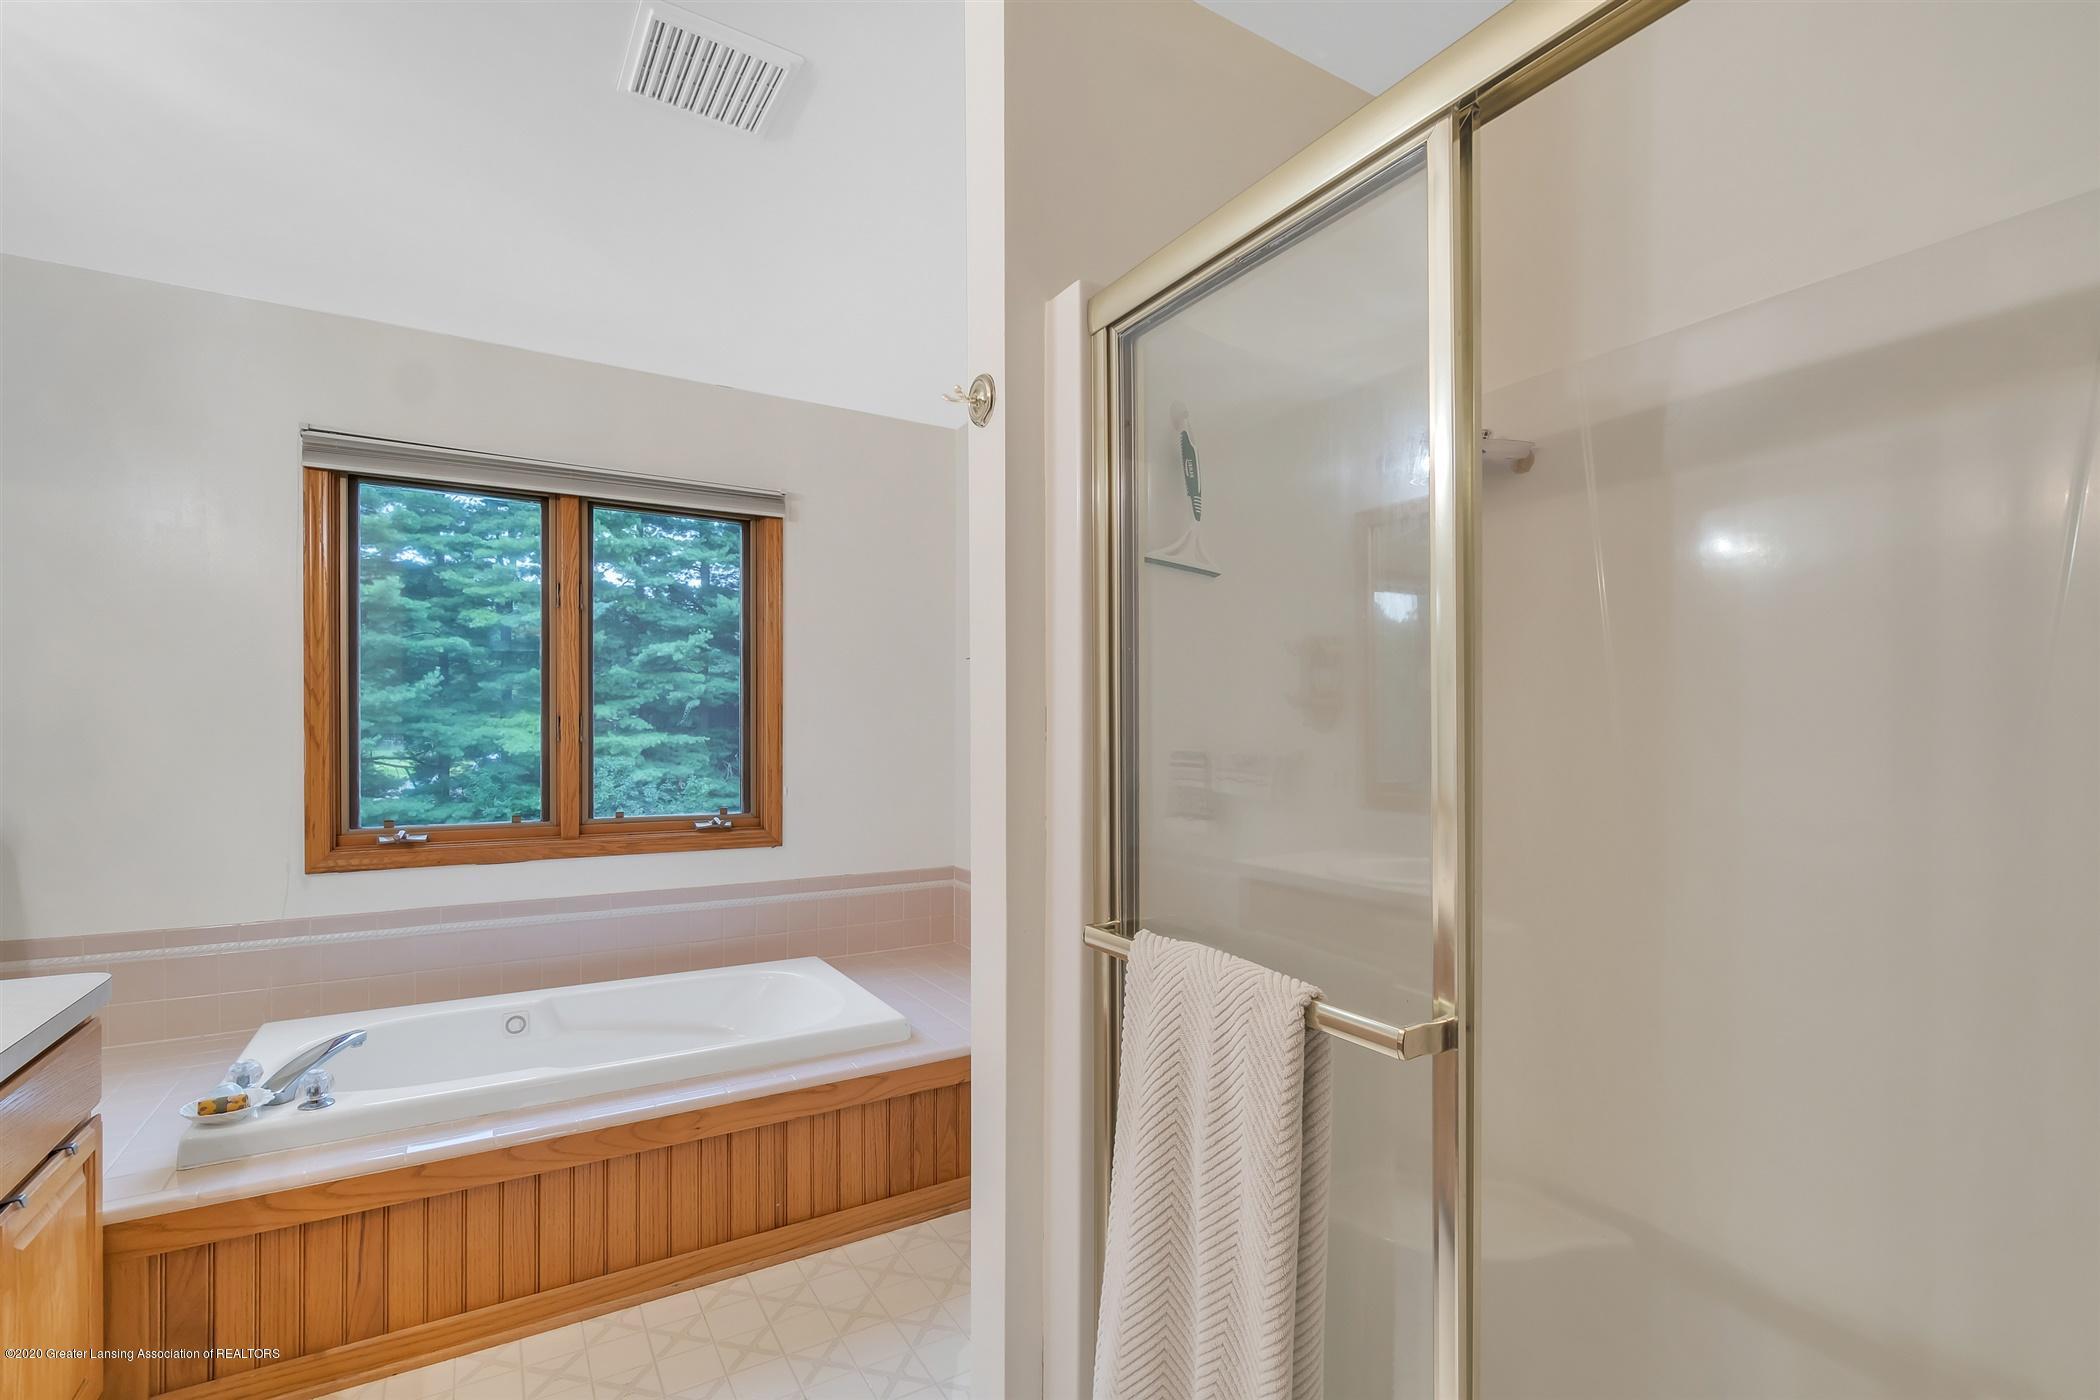 11910 Schavey Rd - 46-11910 Schavey Rd.-windowstill-re - 46